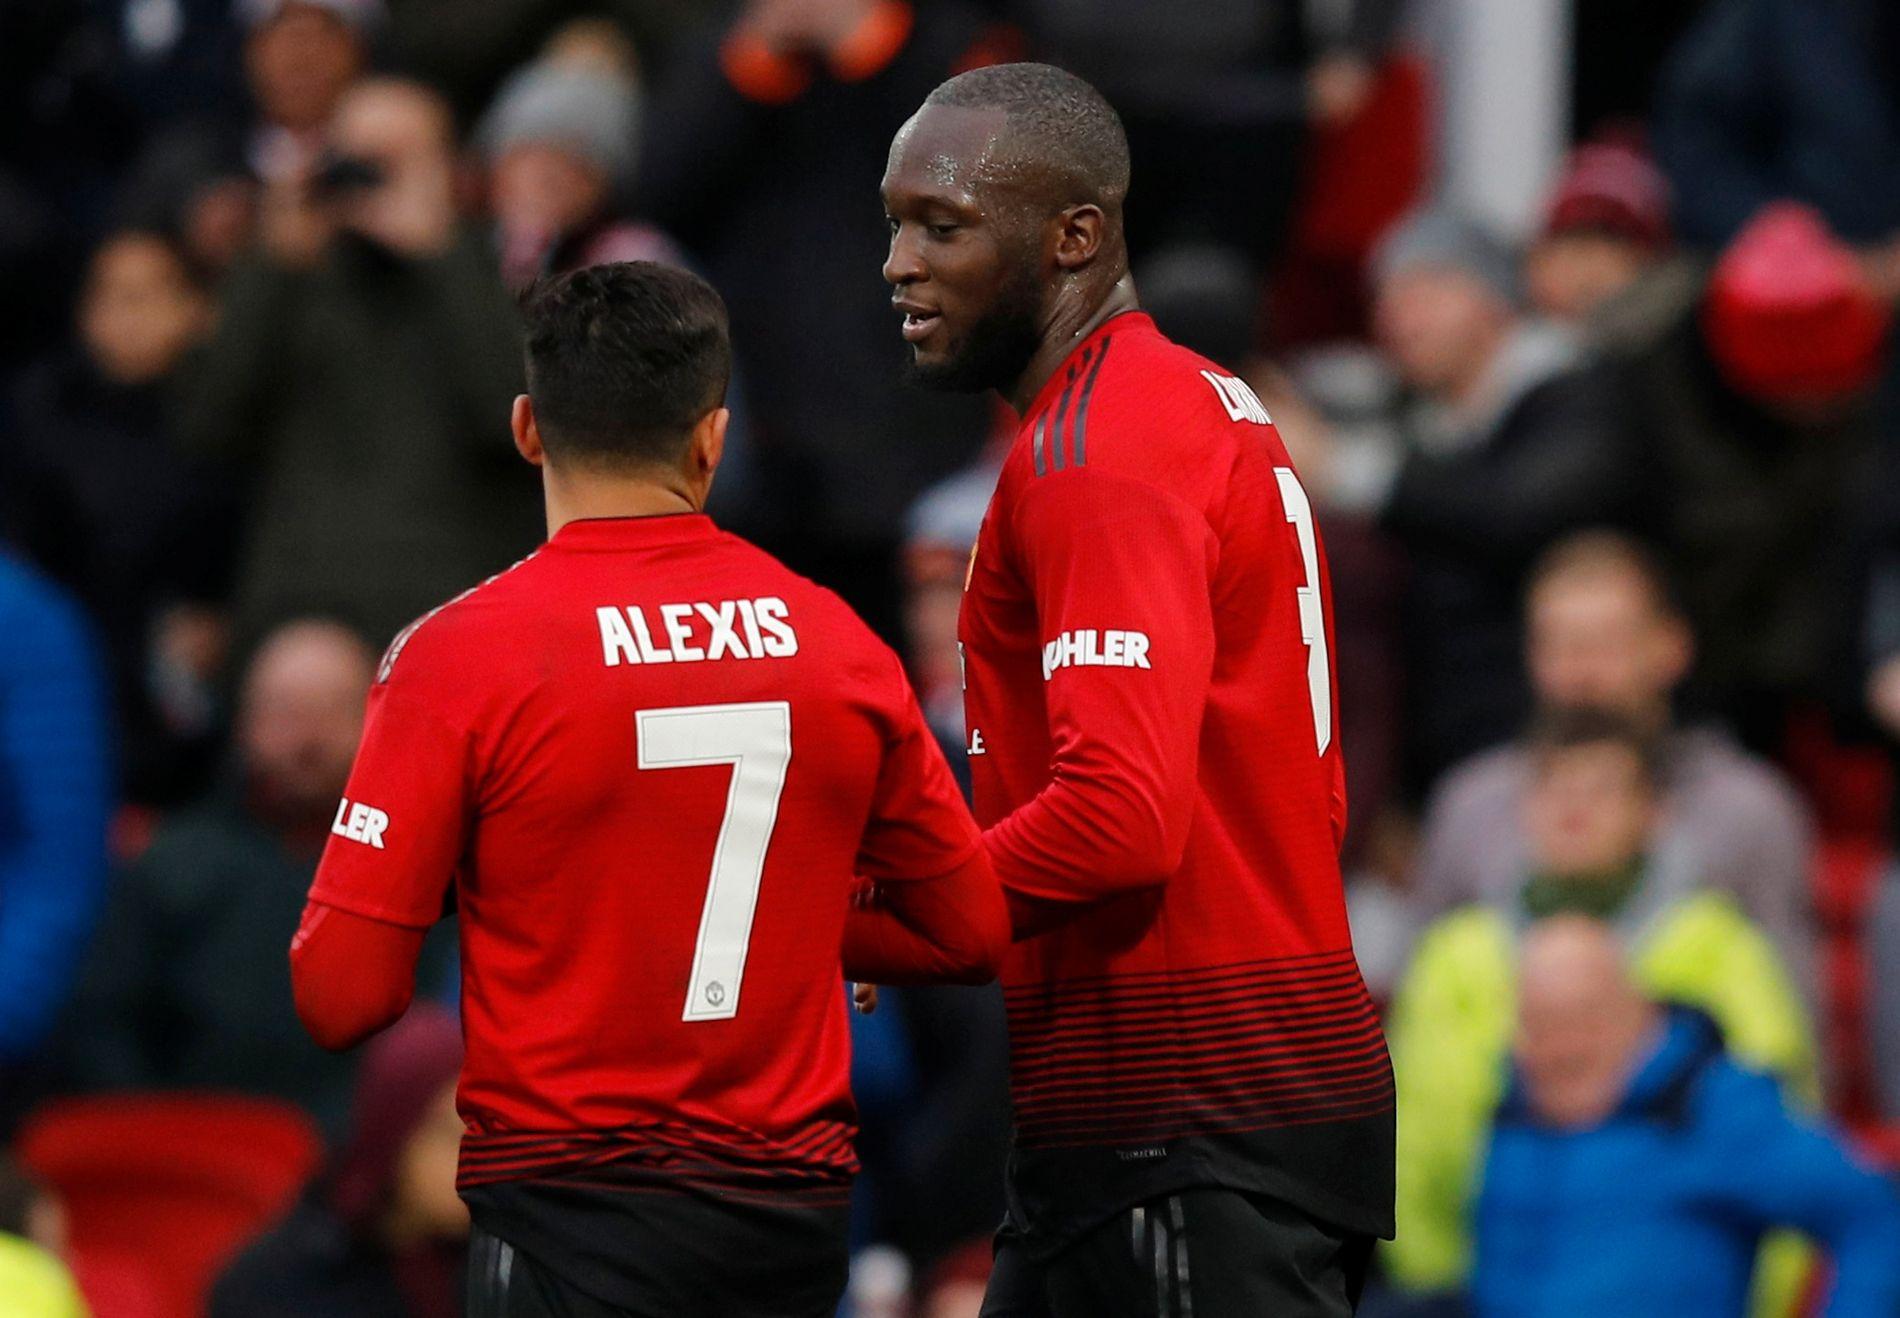 Alexis Sánchez og Romelu Lukaku fikk sjansen sammen og utnyttet den godt.